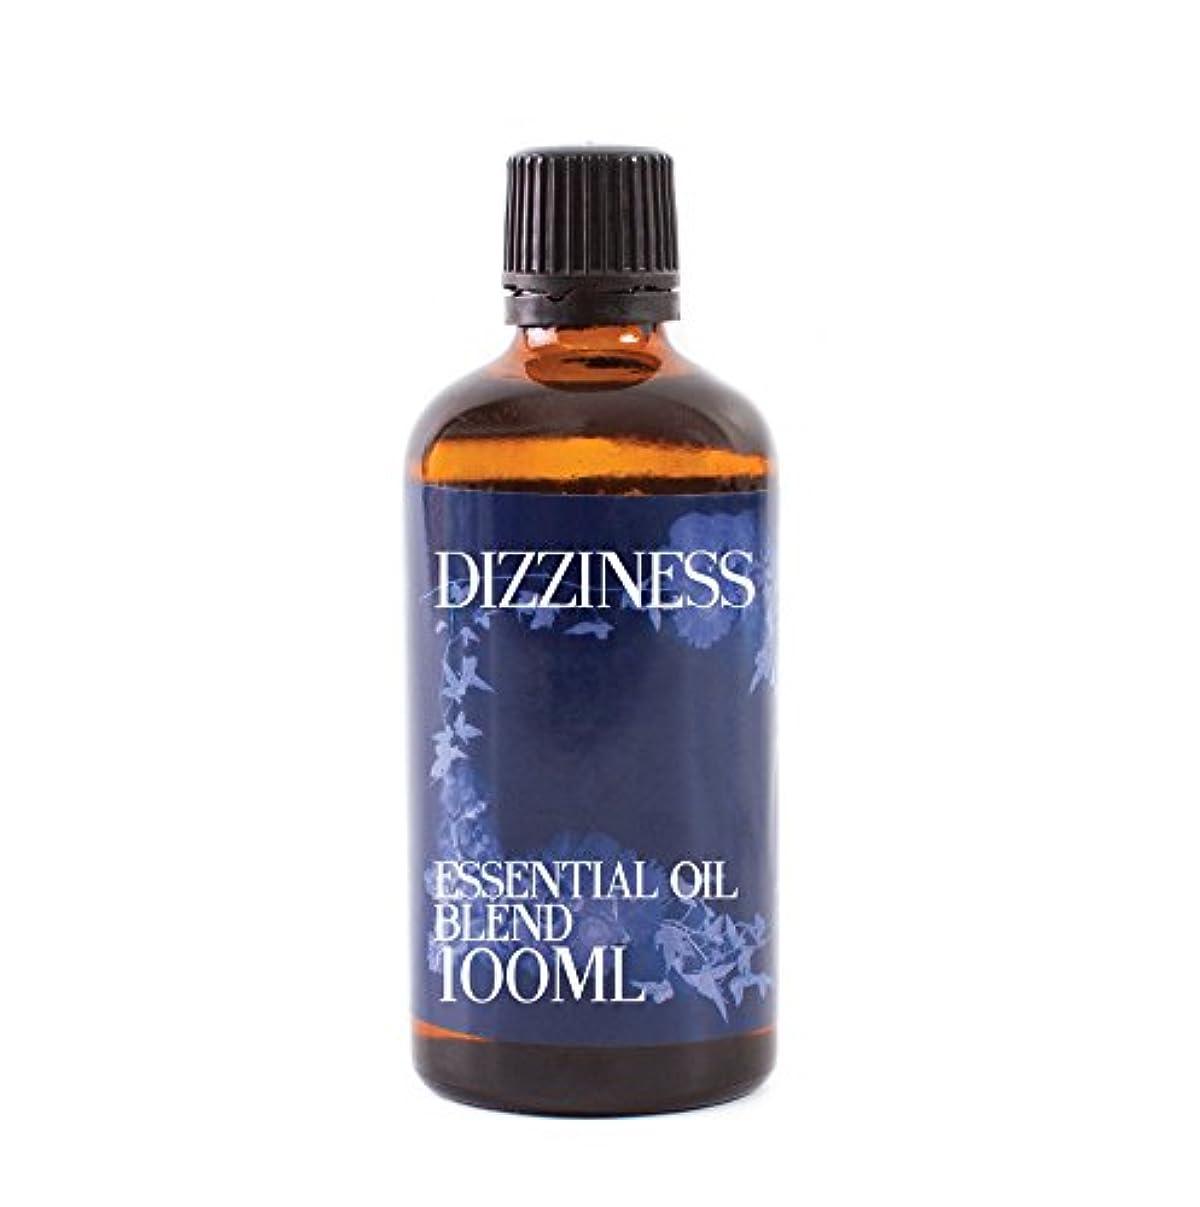 シチリア引数ノートMystic Moments | Dizziness Essential Oil Blend - 100ml - 100% Pure